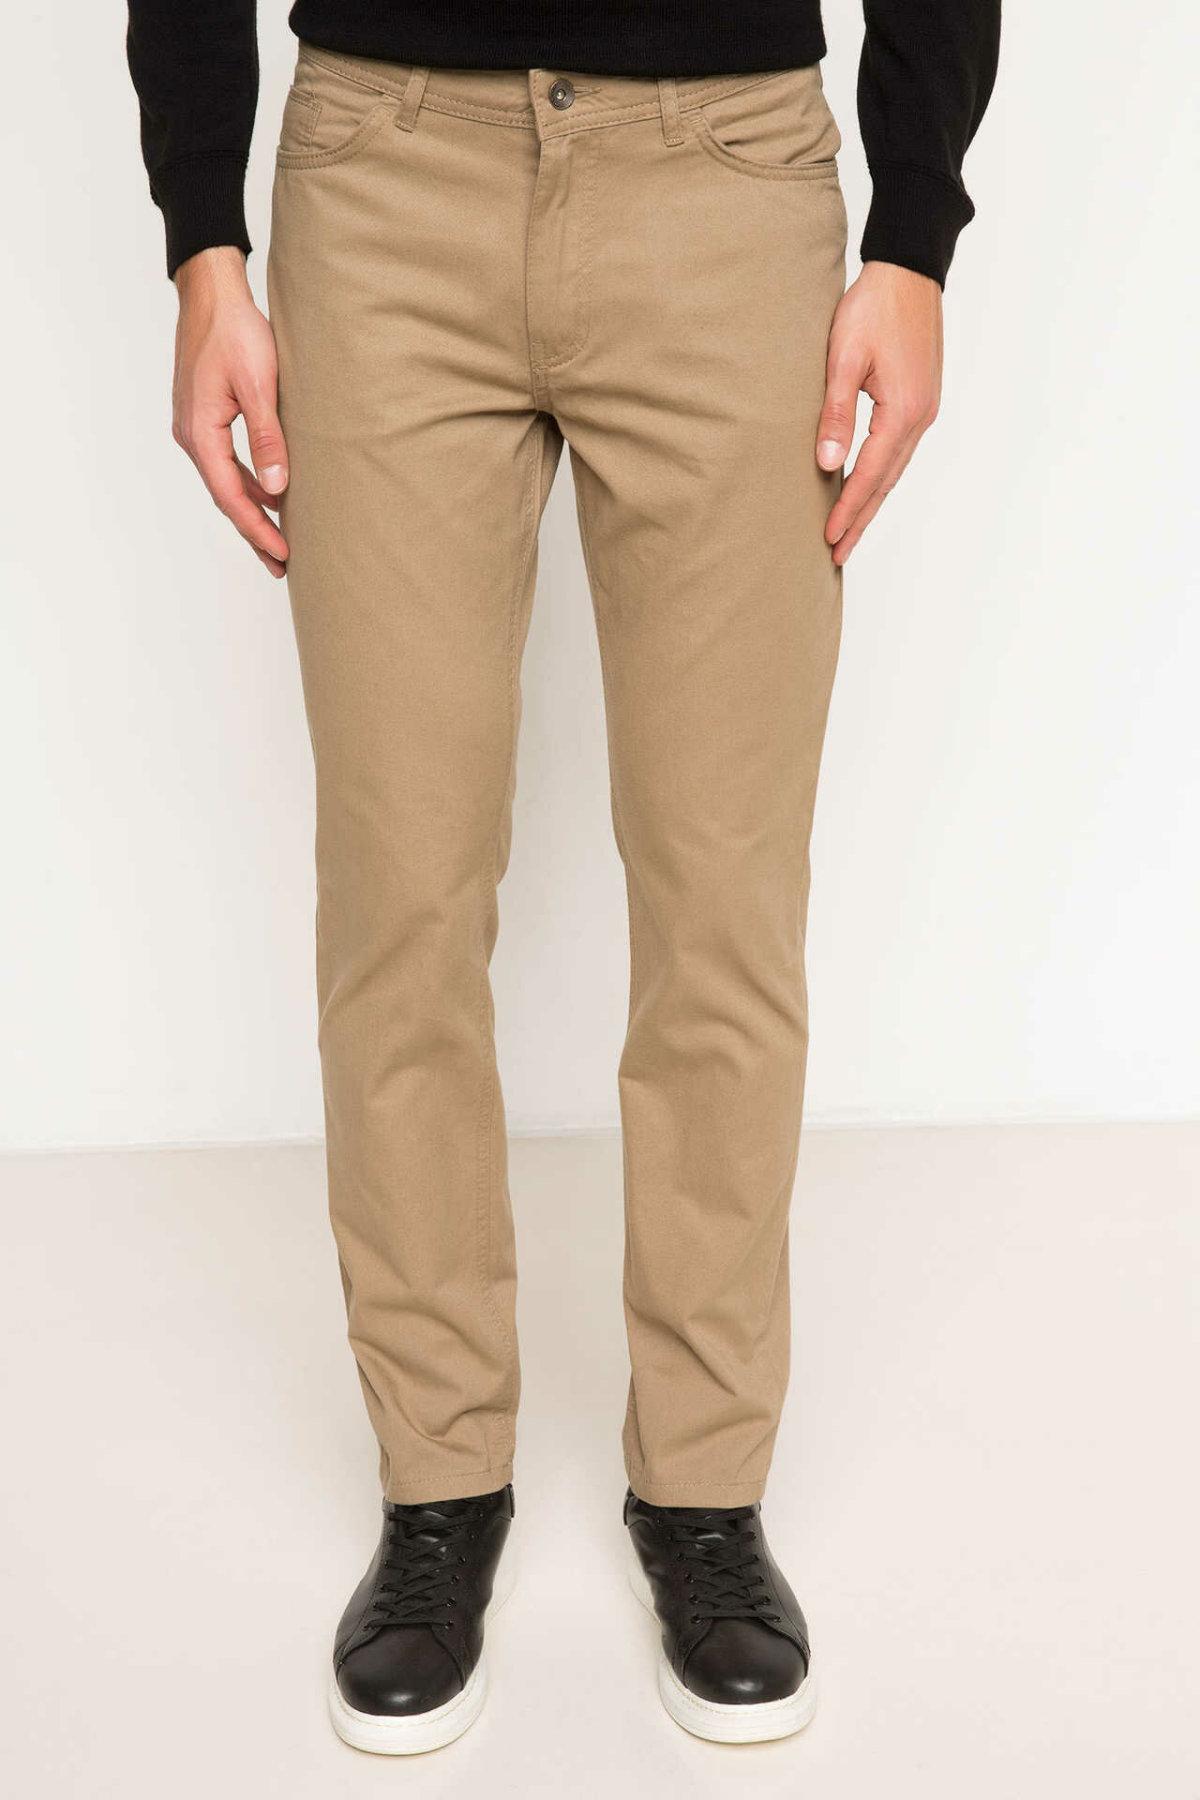 DeFacto Men Casual Long Pants Kahki Blue Solid Color Male Mid-waist Trousers Man Bottoms New Arrivals-H1609AZ17AU